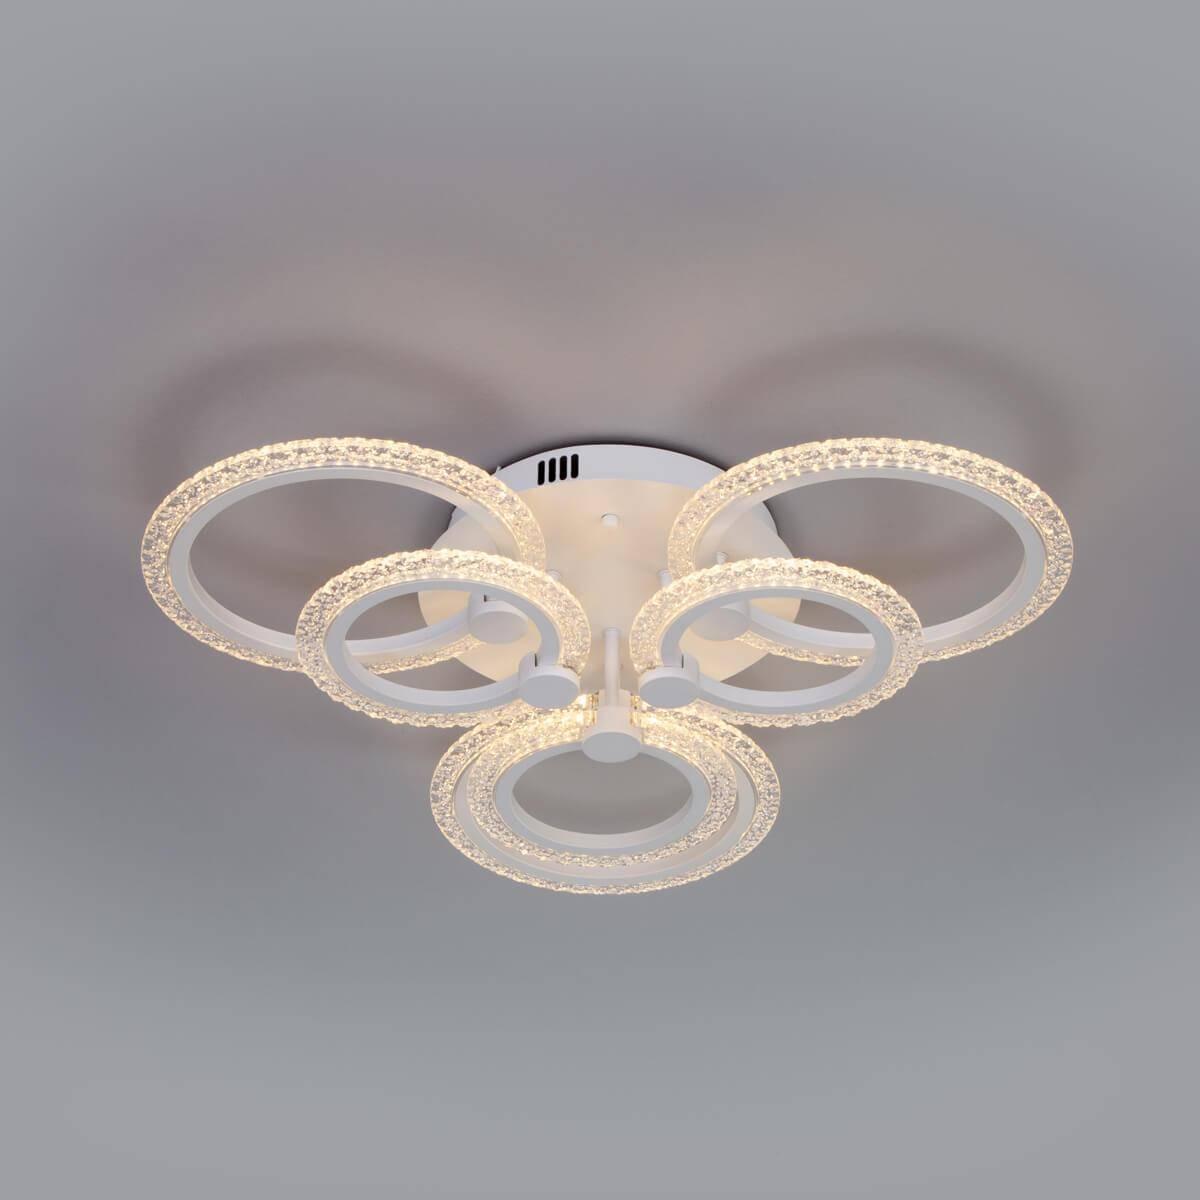 Потолочная светодиодная люстра Eurosvet Wellen 90226/6 белый